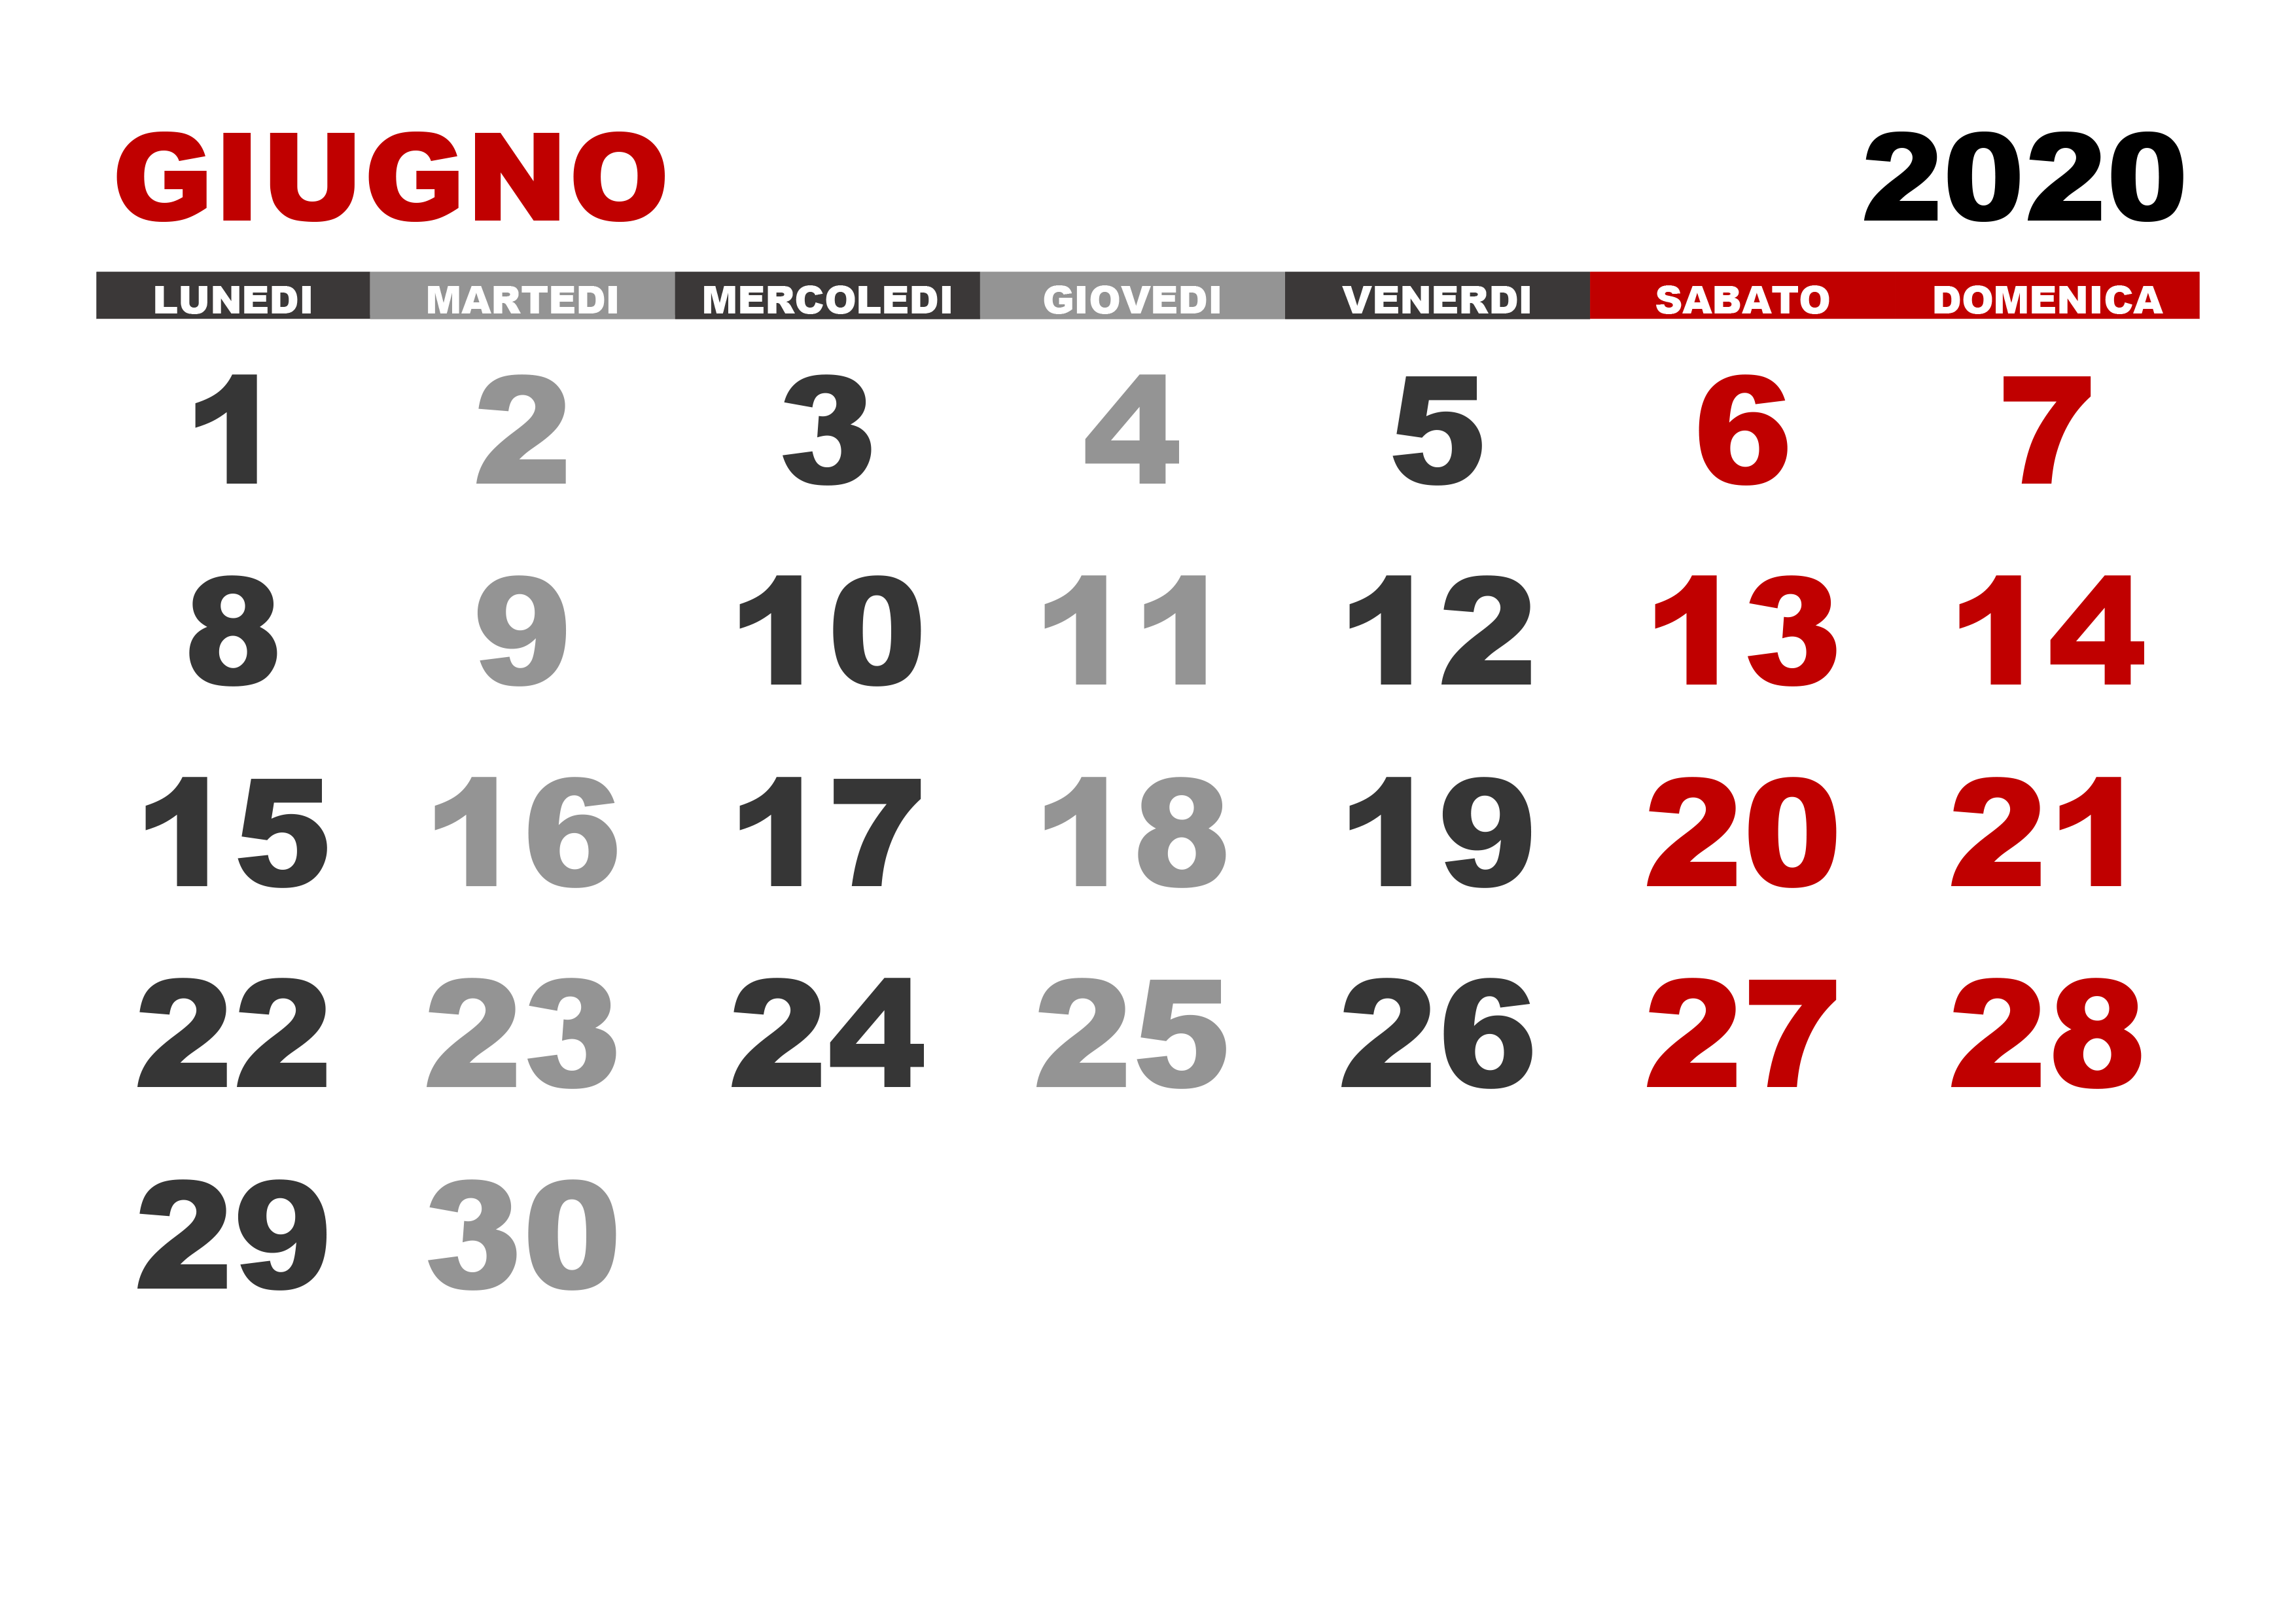 Calendario Mensile Giugno 2020.Calendario Giugno 2020 Calendario Su